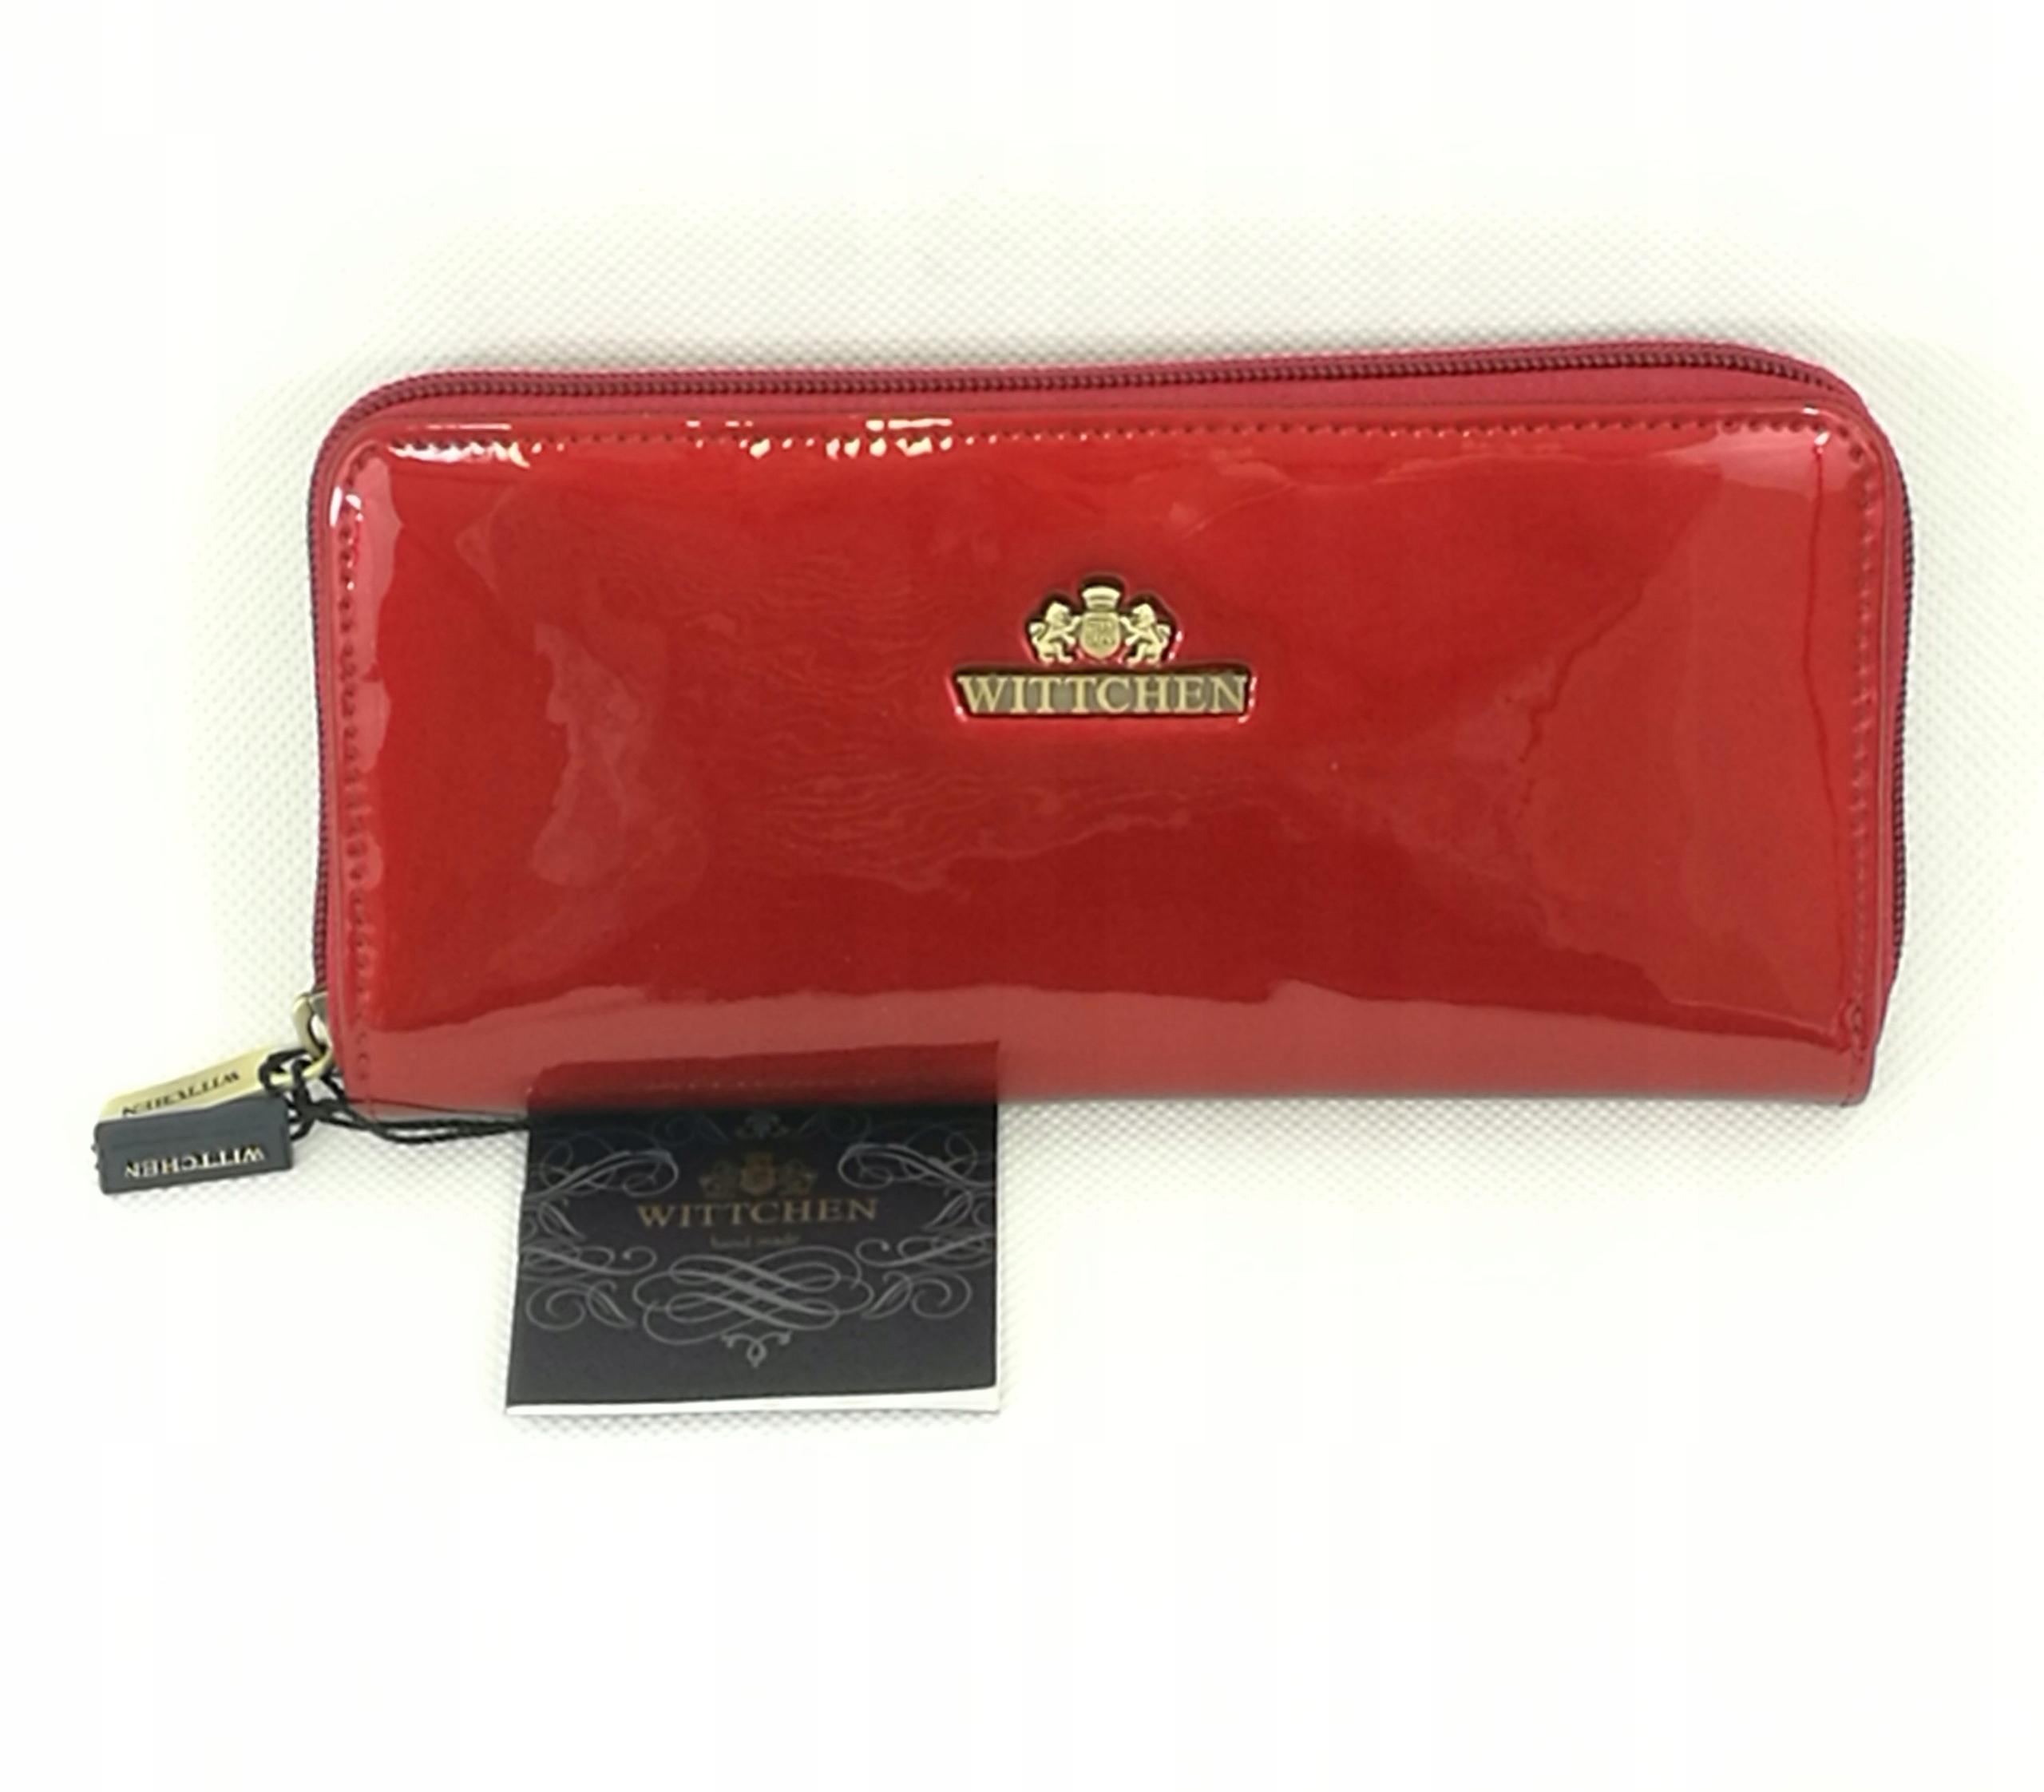 59370f430aeb7 Wittchen portfel z lakierowanej skóry NOWY - 7512479127 - oficjalne ...